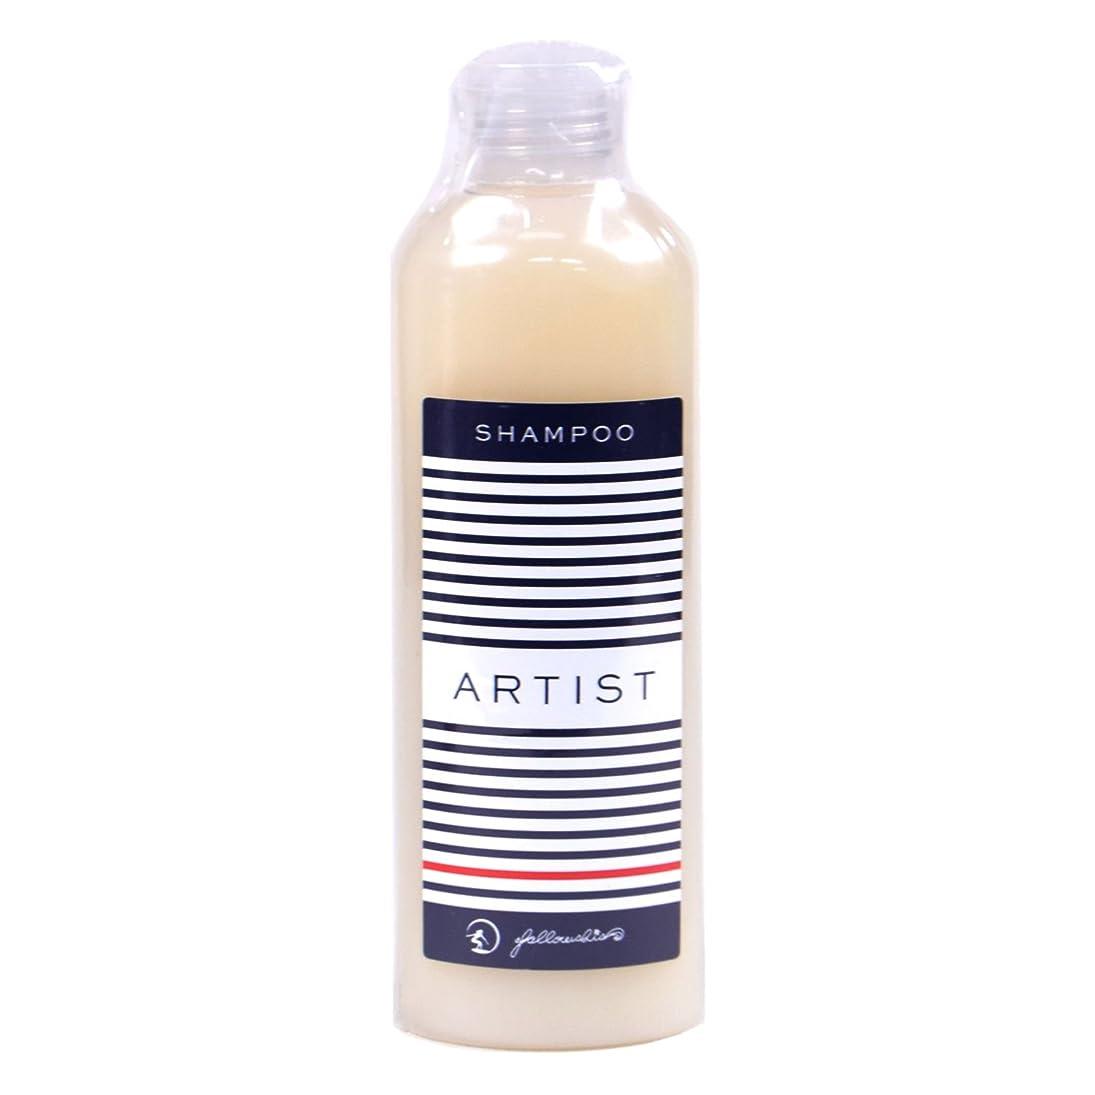 逆さまに送料古いARTIST アーティスト シャンプー ノンシリコンタイプ Shampoo 240ml